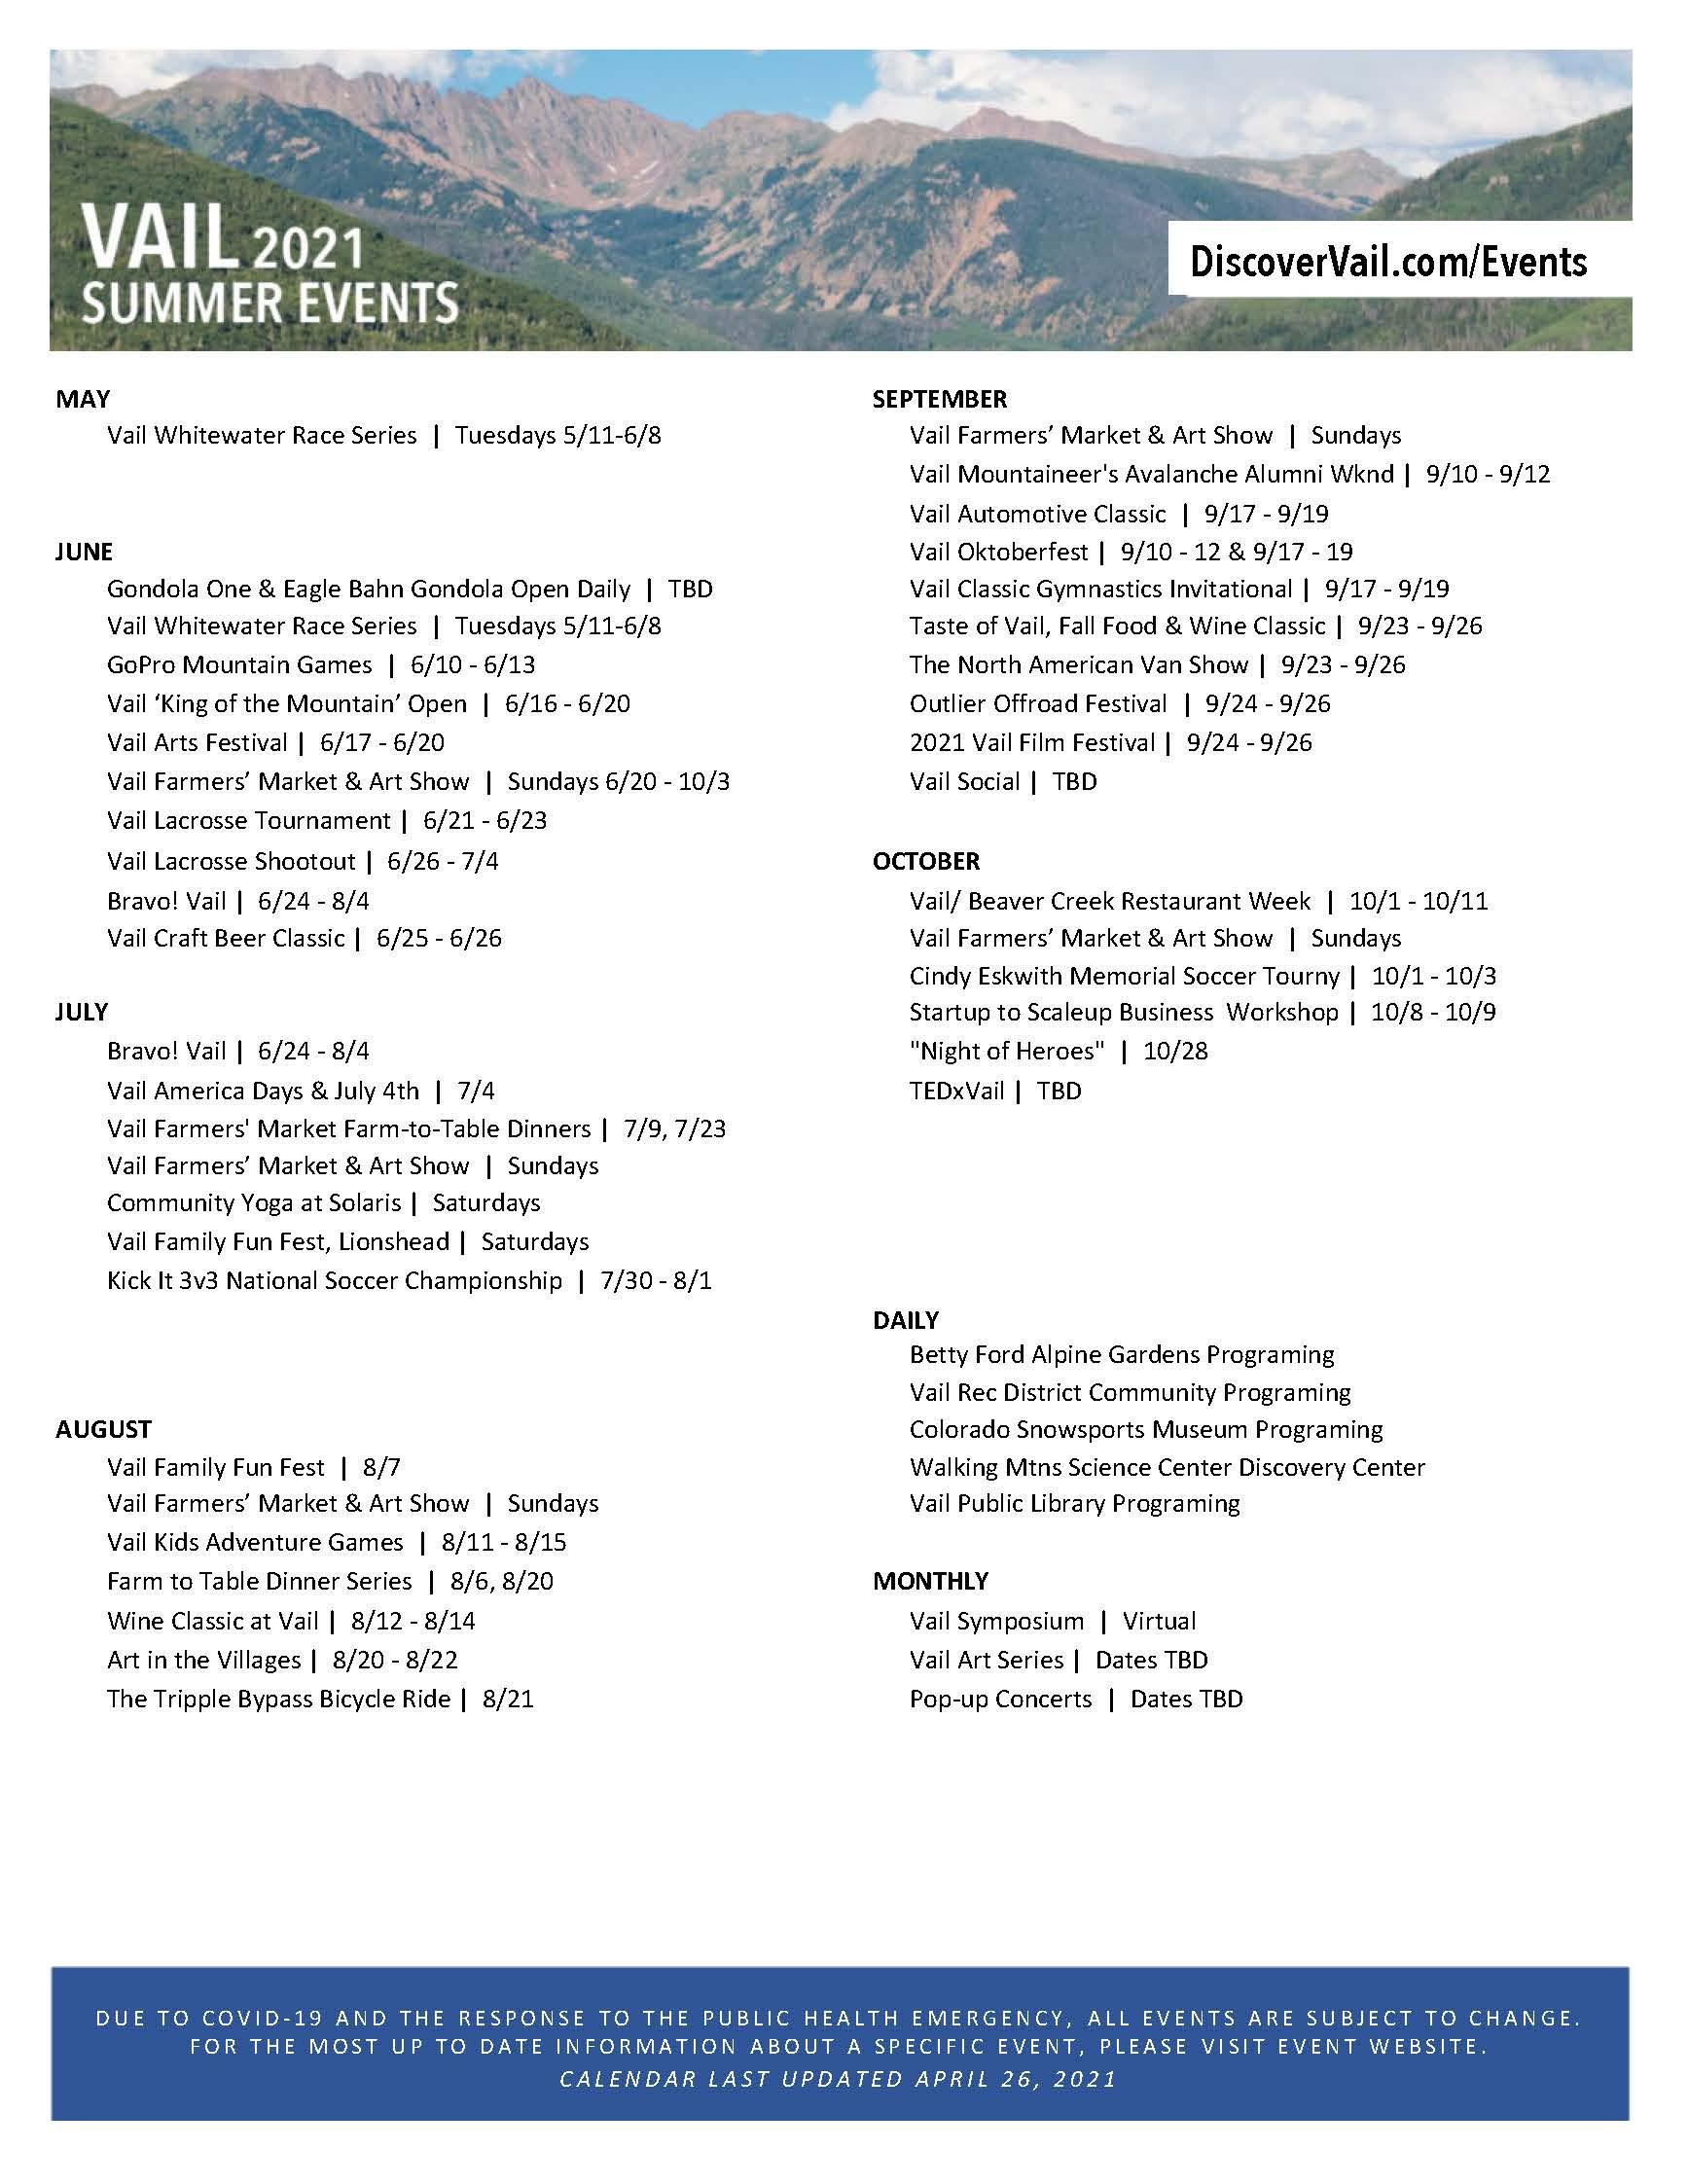 2021 Summer Event Calendar.4.26.2021